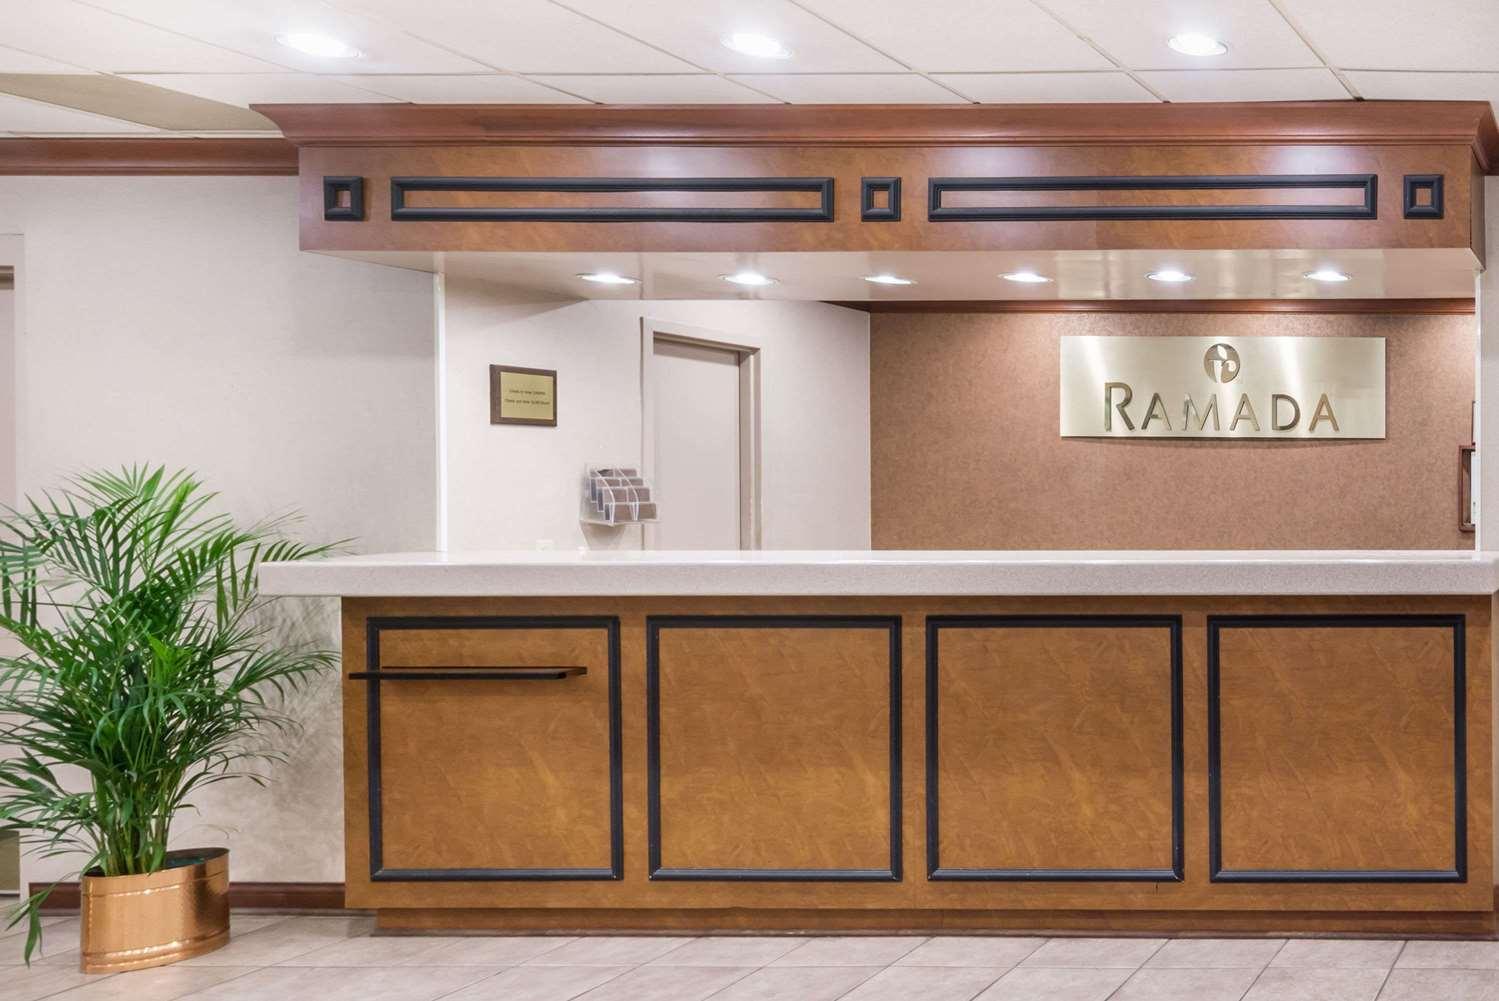 Lobby - Ramada Hotel Xenia